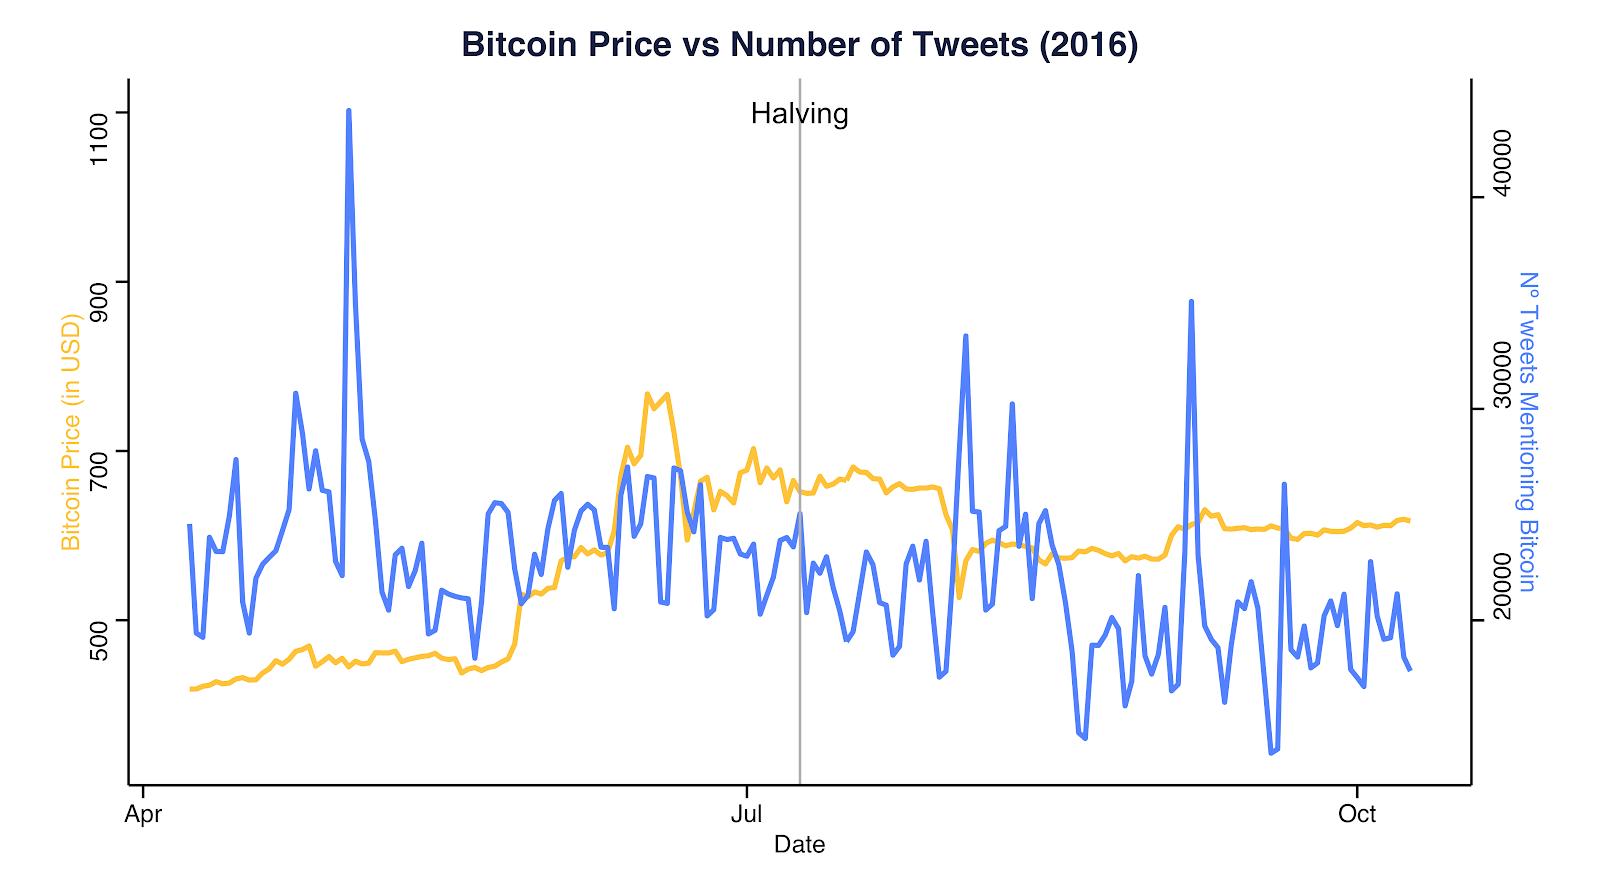 El precio de BTC frente al número de tuits en 2016. Fuente: Coinmetrics.io y Bitinfocharts